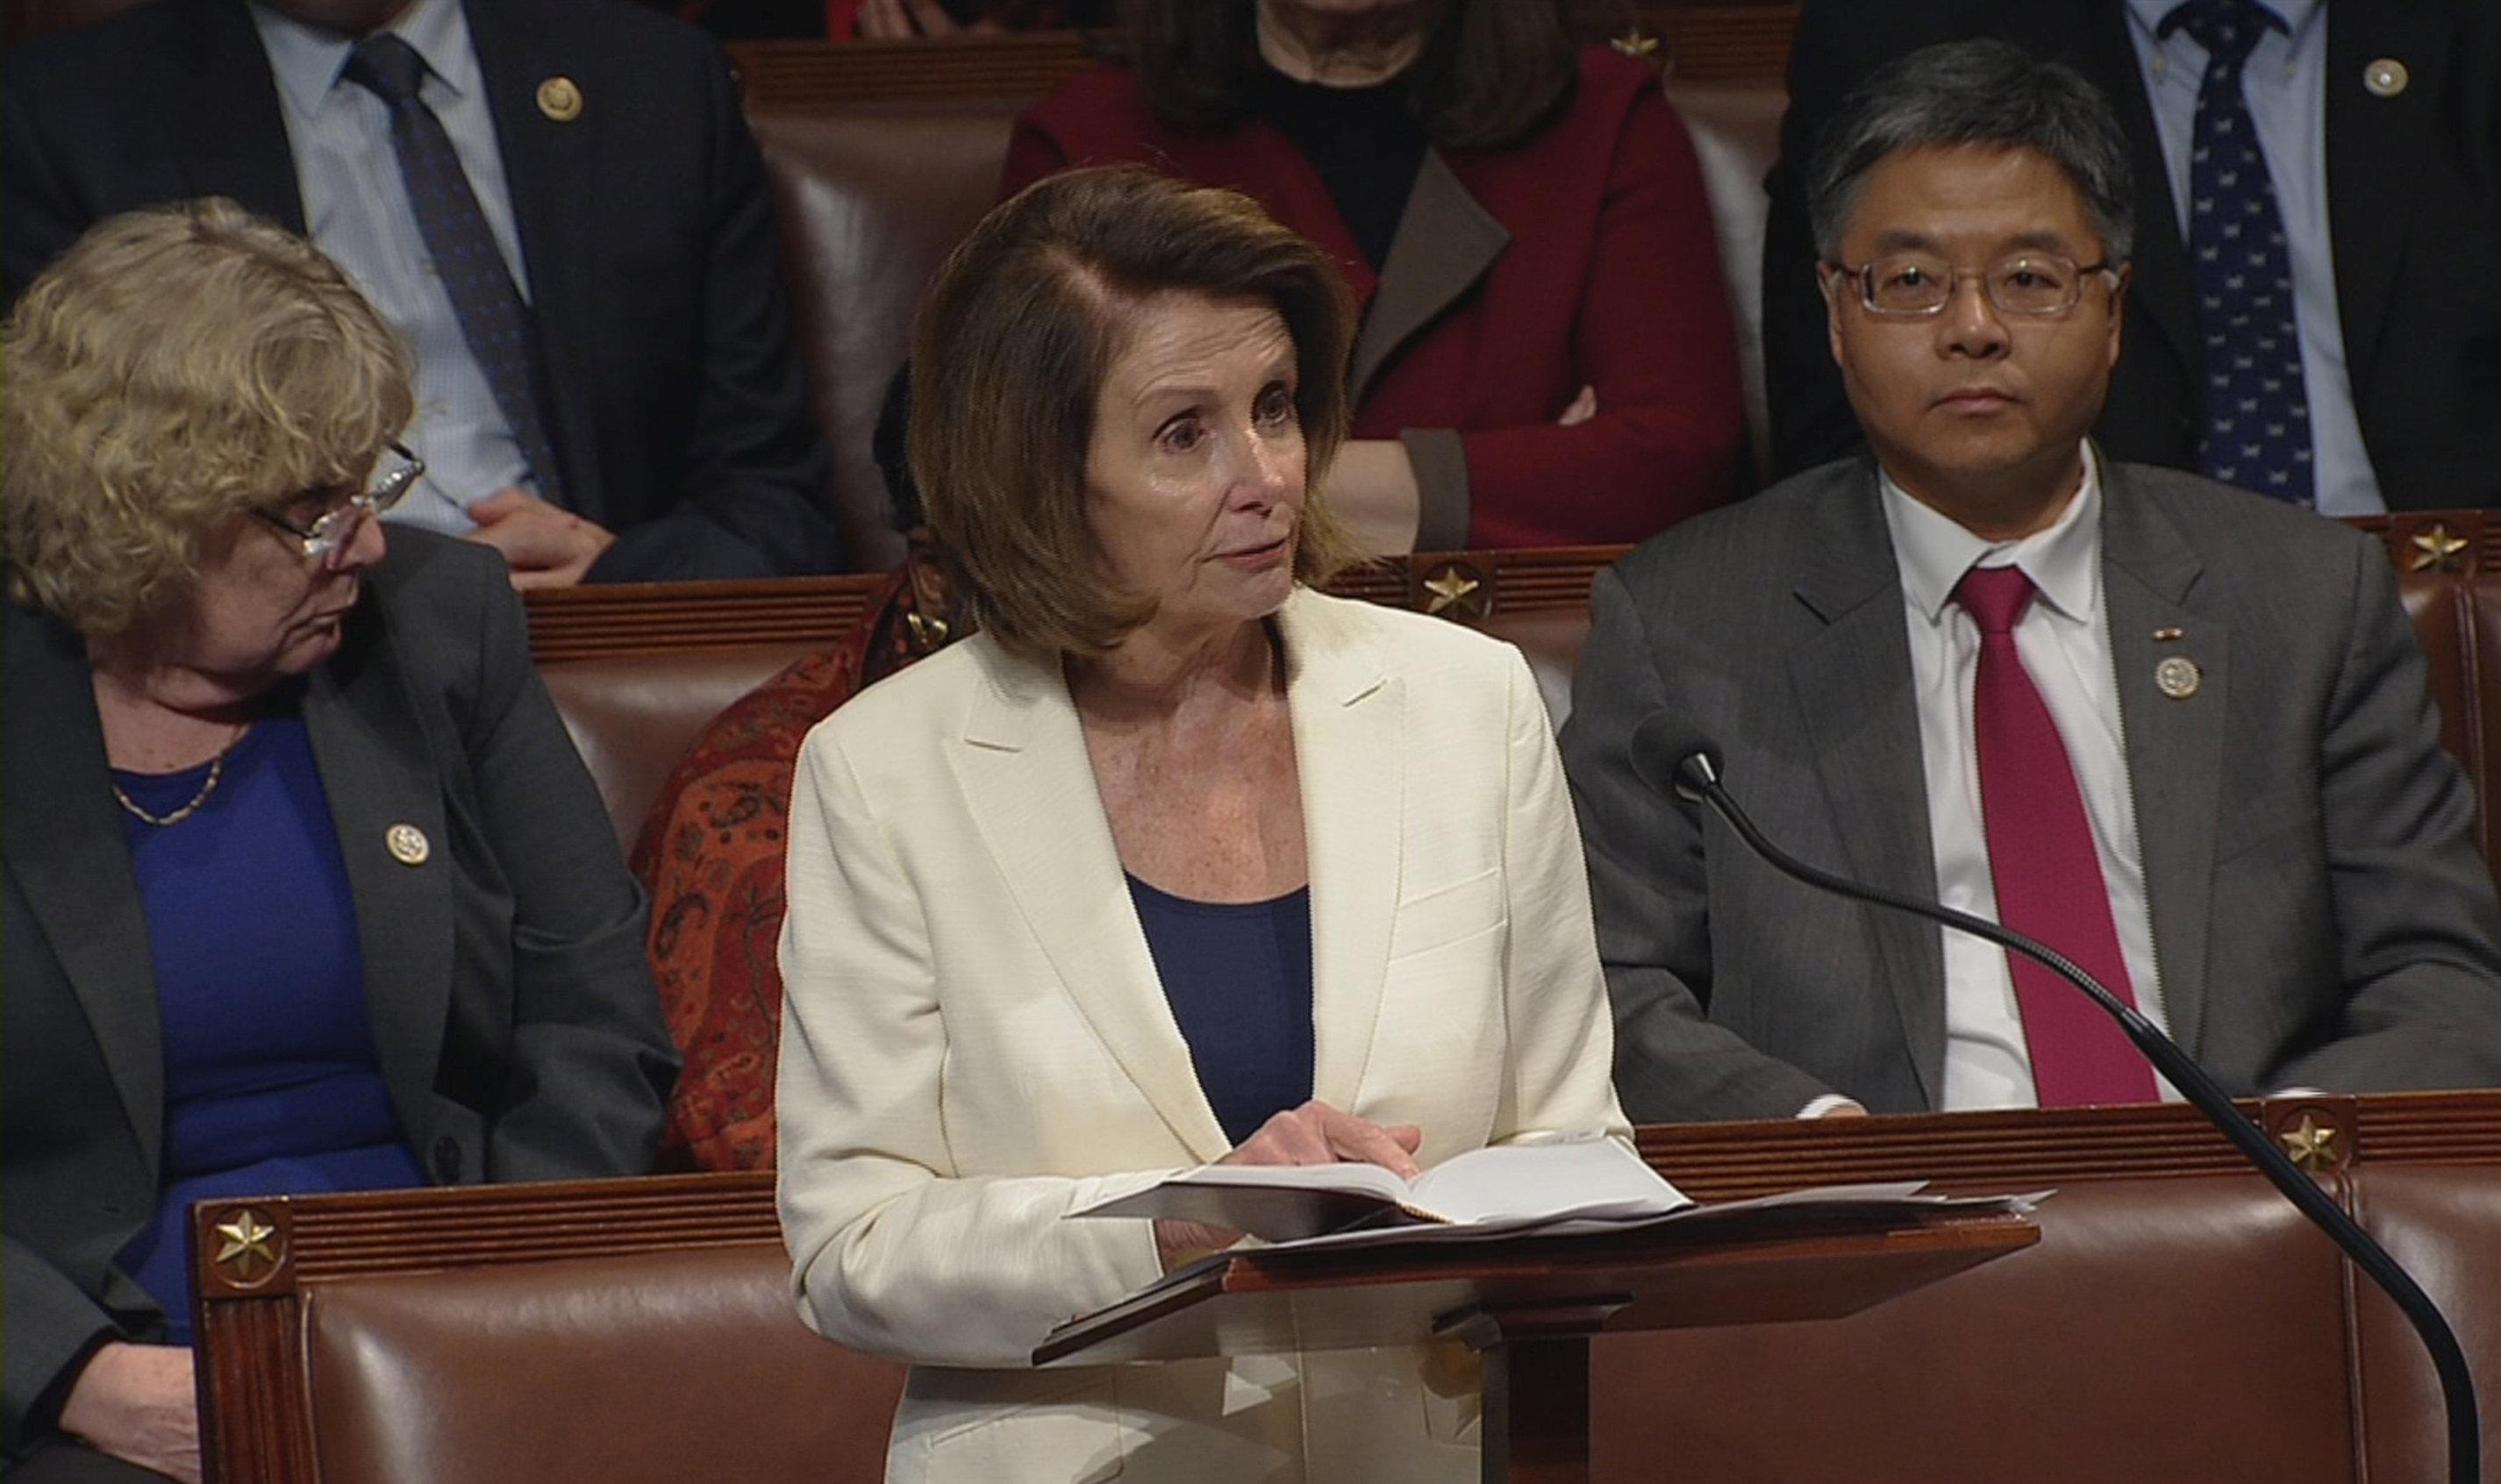 民主黨籍眾院少數黨領袖波洛西採用馬拉松演說策略,拖延預算案表決;背後坐的是華裔國會眾議員劉雲平。(路透)